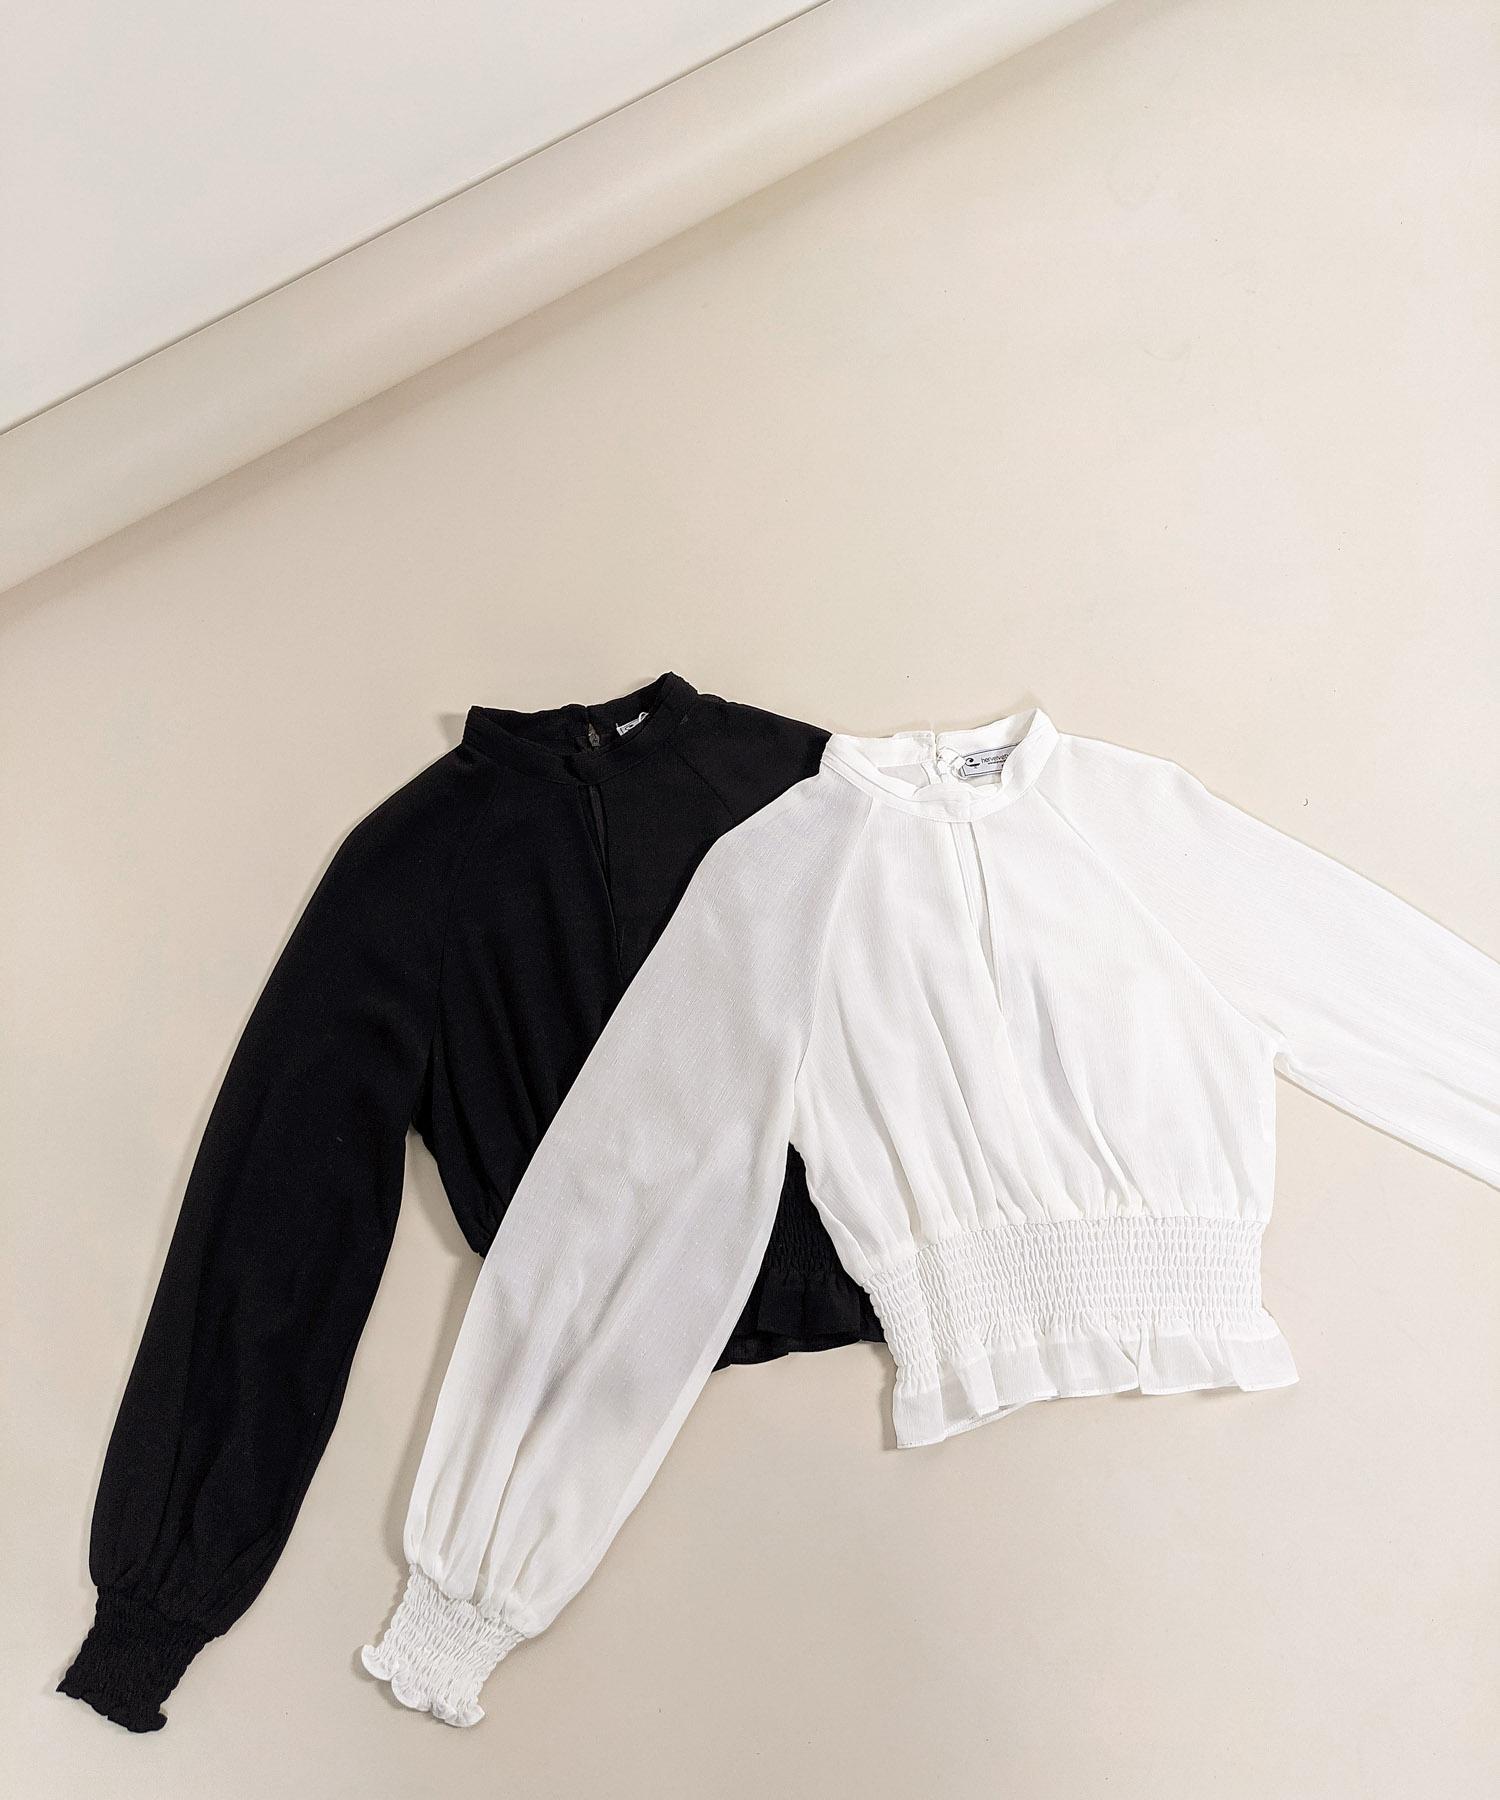 juilliard-keyhole-puff-sleeve-blouse-bundle-of-2